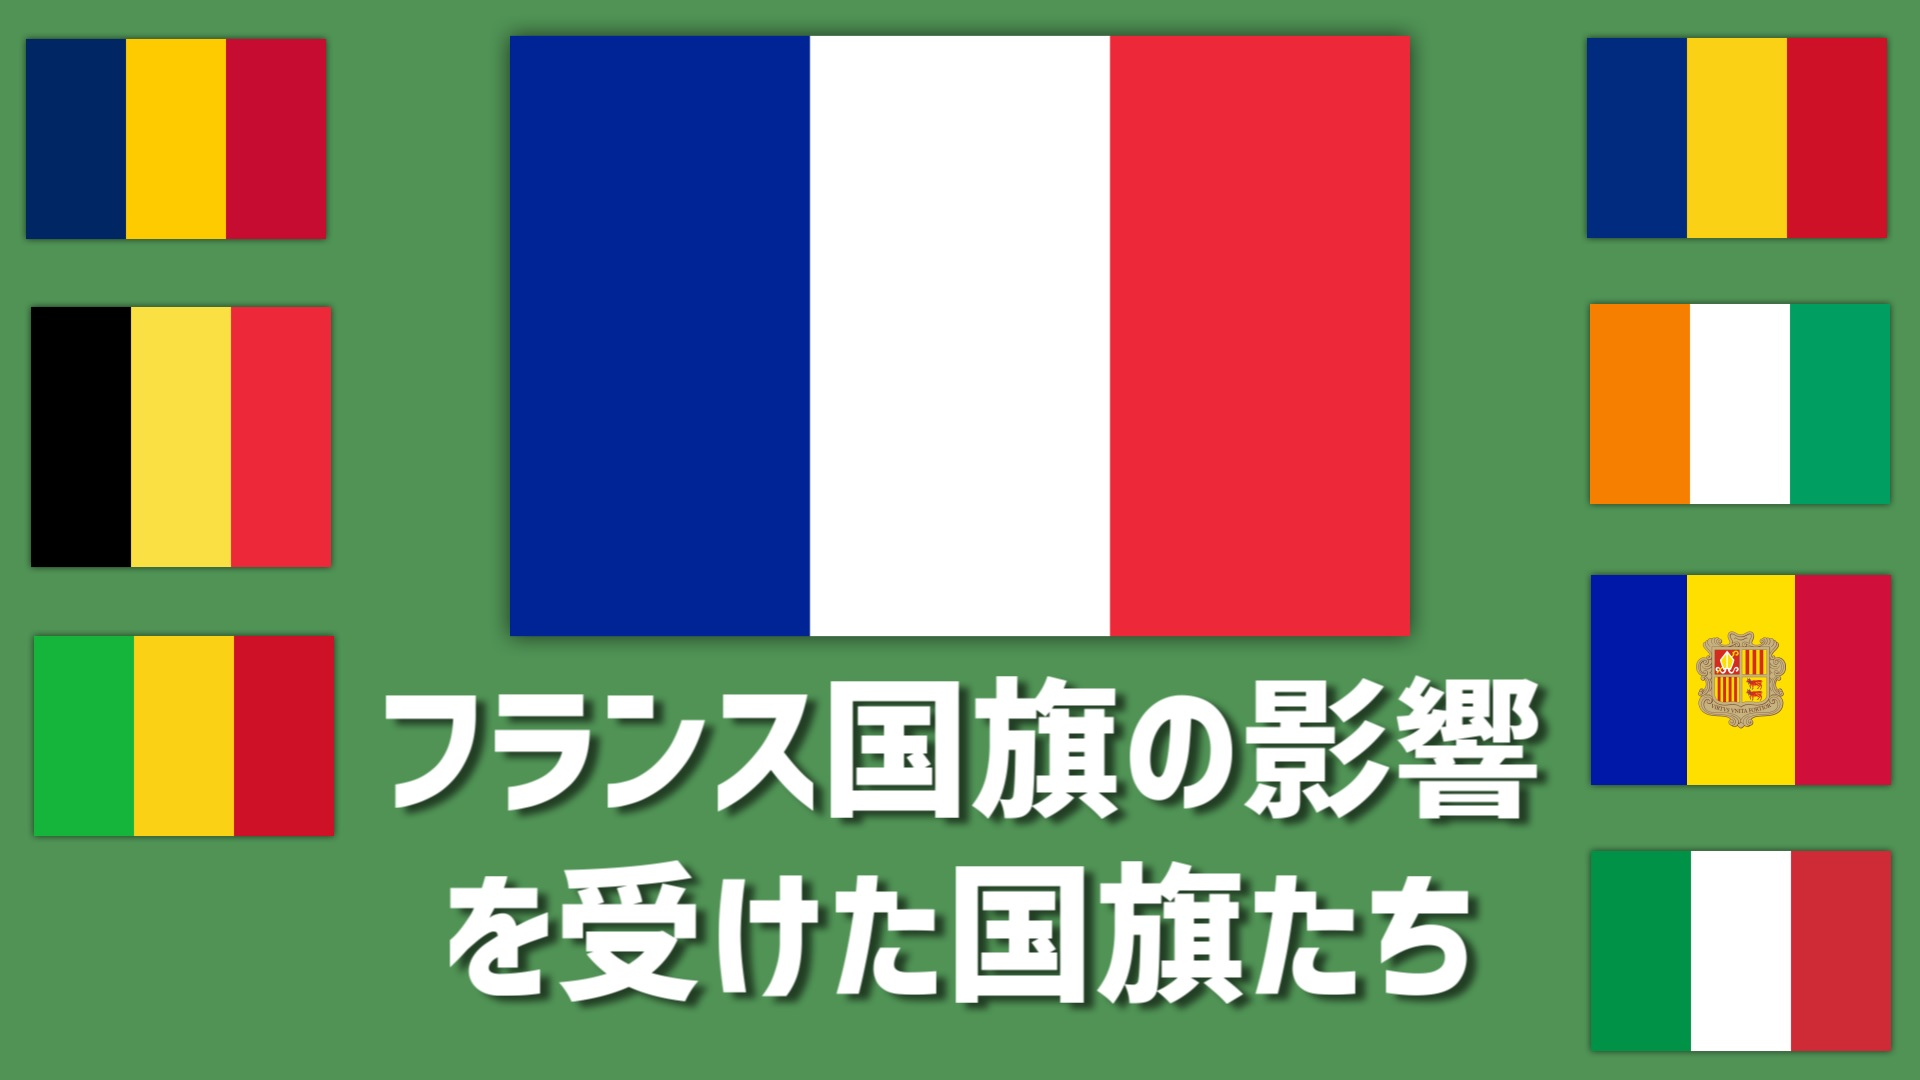 フランス国旗の影響を受けた国旗一覧